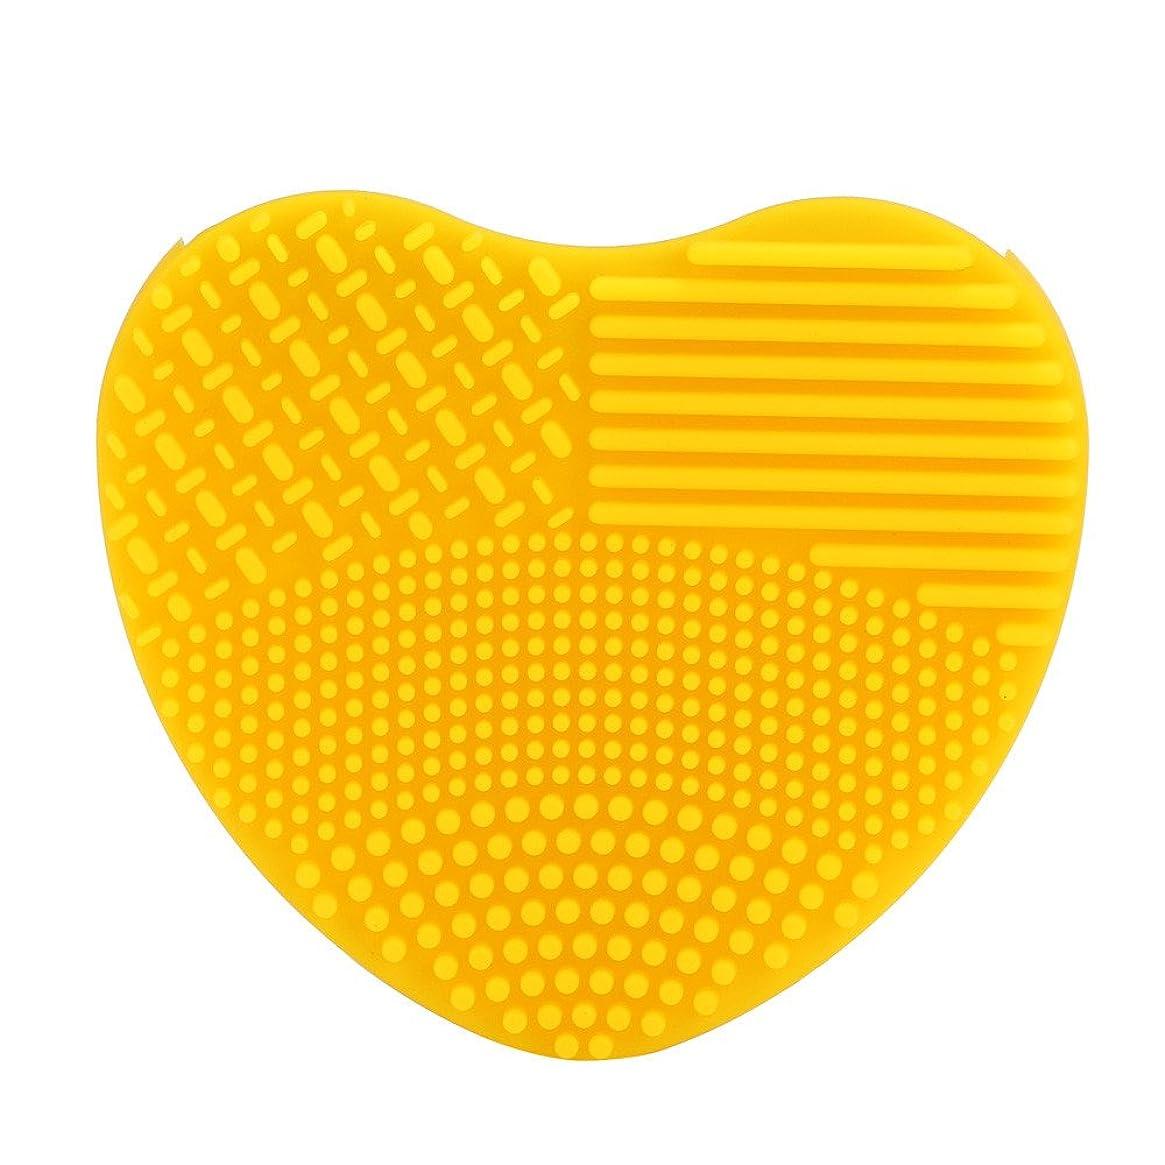 リビングルーム十二急いでシリコーン YOKINO 洗濯板 ポータブル メイクブラシクリーナー 旅行 や 外泊 の 必需品 化粧ブラシクリーナー 洗浄ブラシ 清掃ブラシ (G)